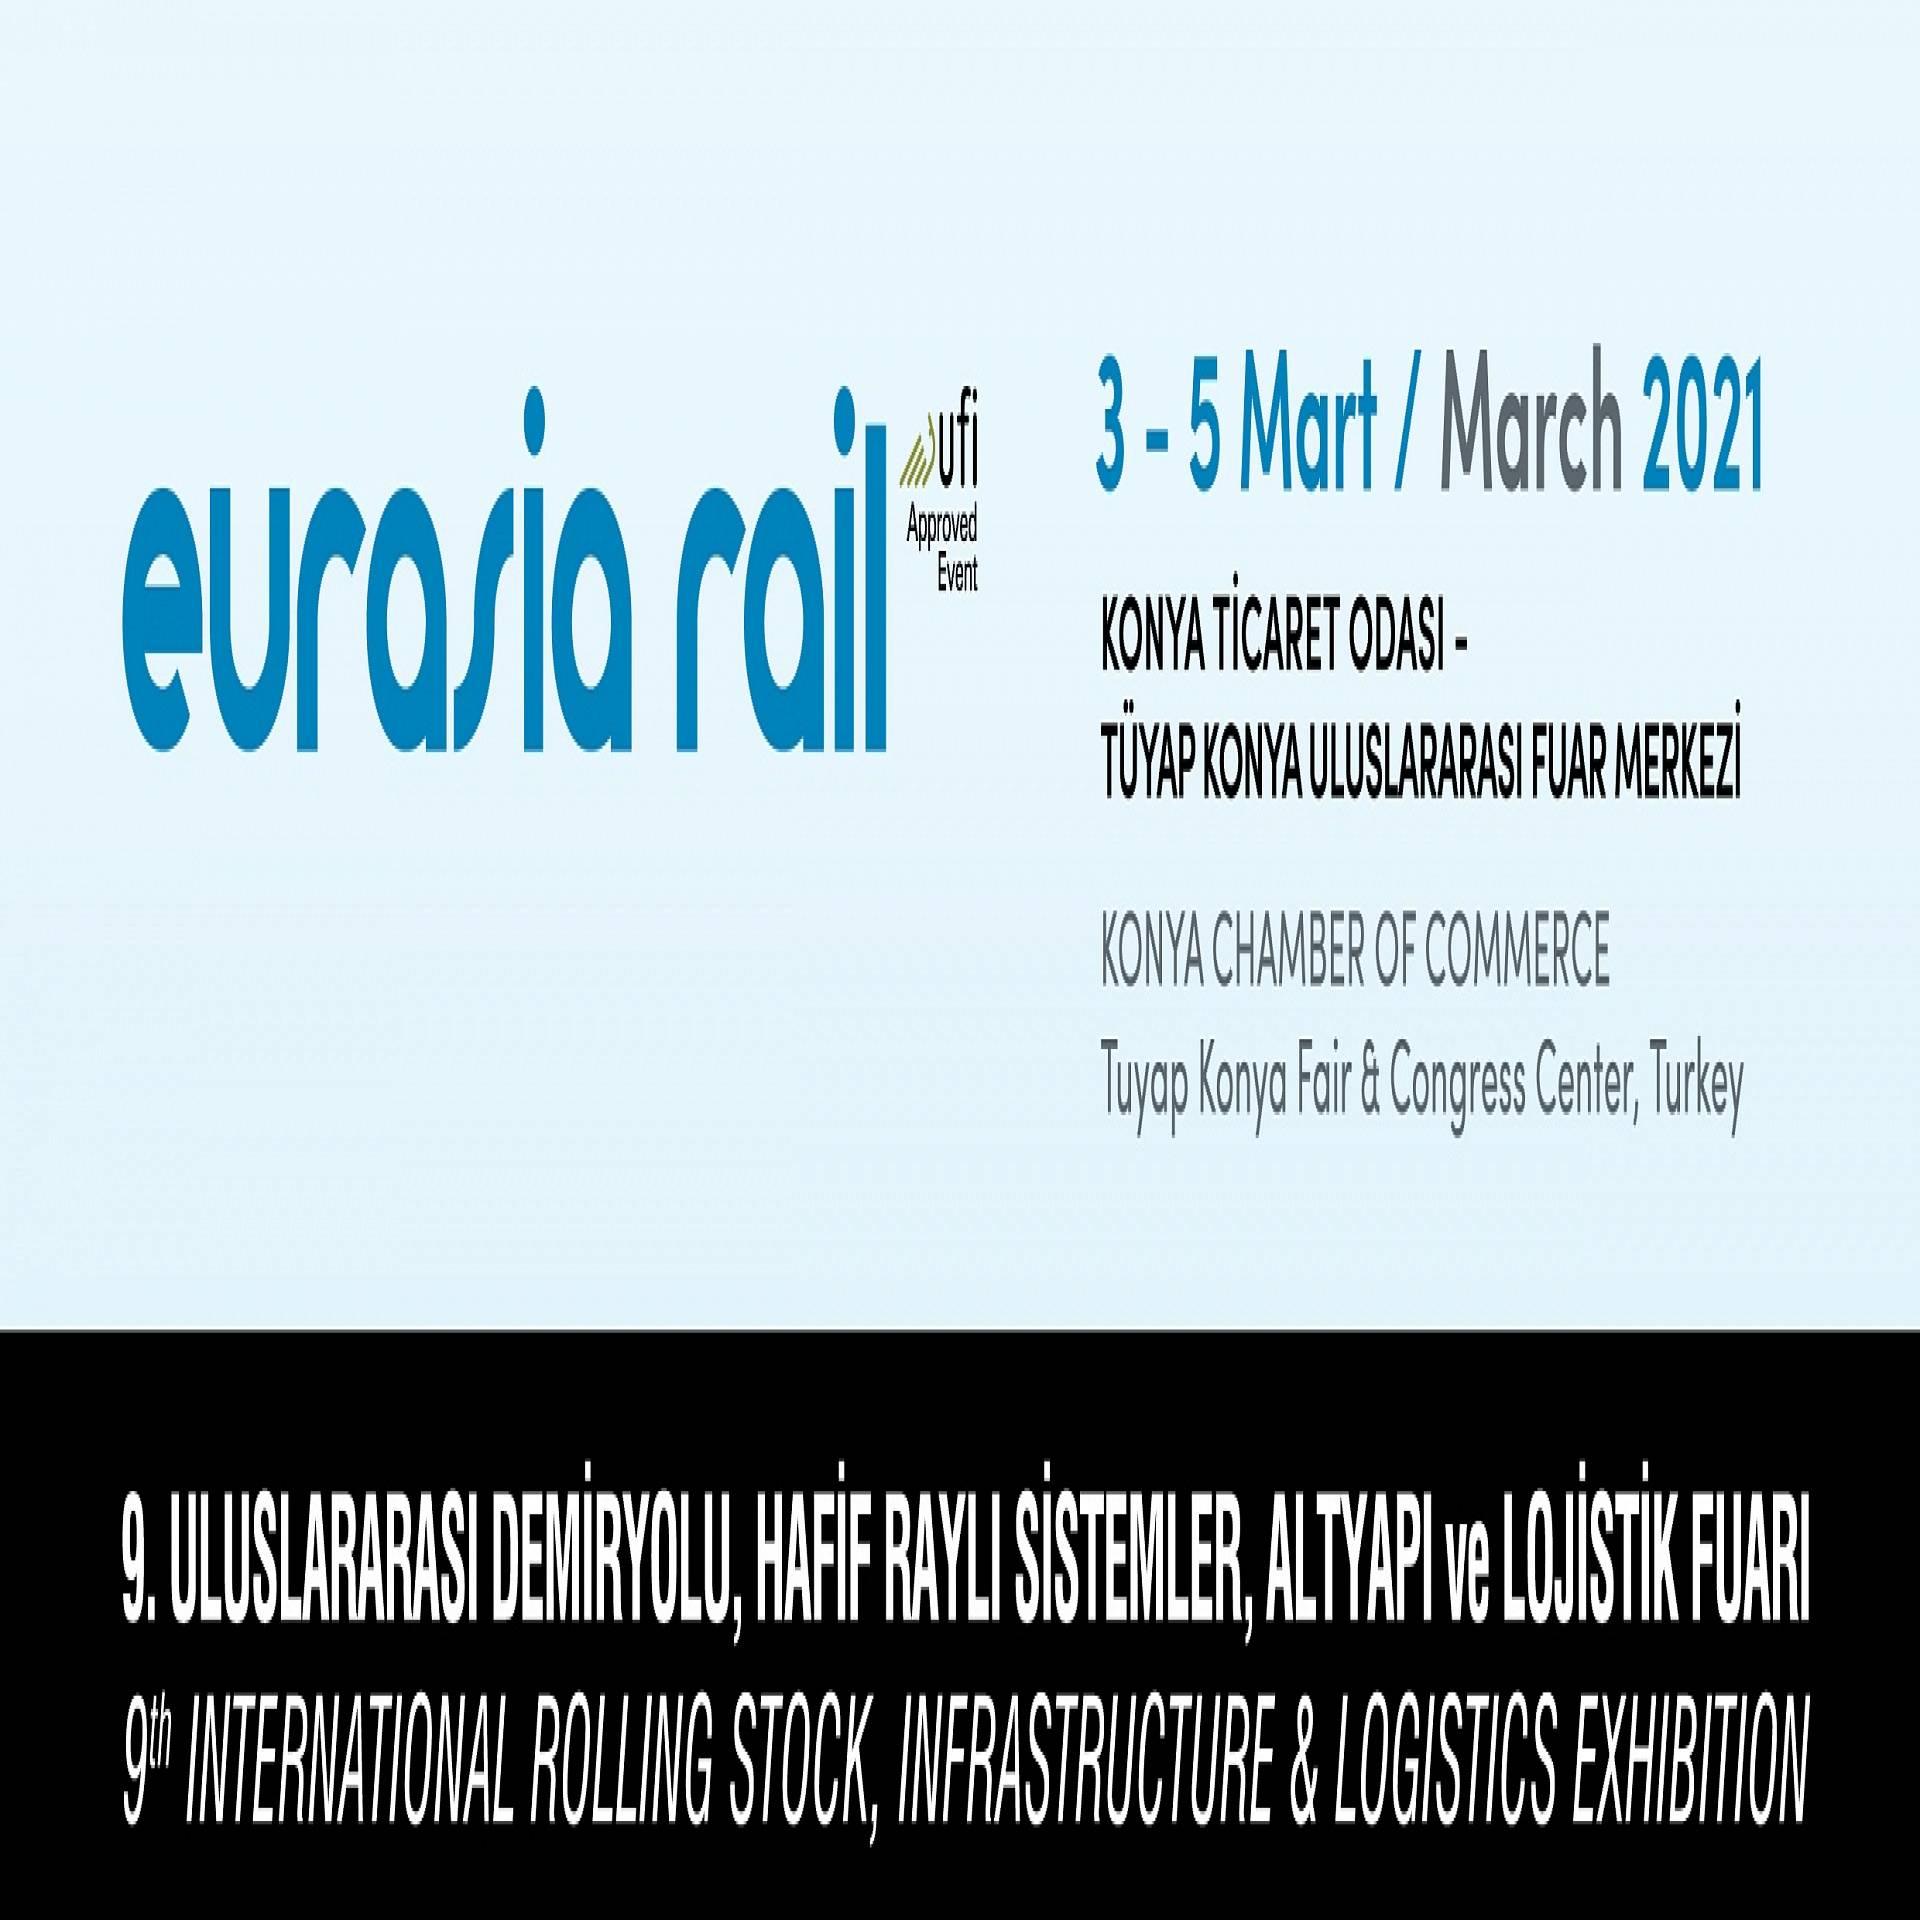 9. Uluslararası demiryolu, hafif raylı sistemler, altyapı ve lojistik fuarı